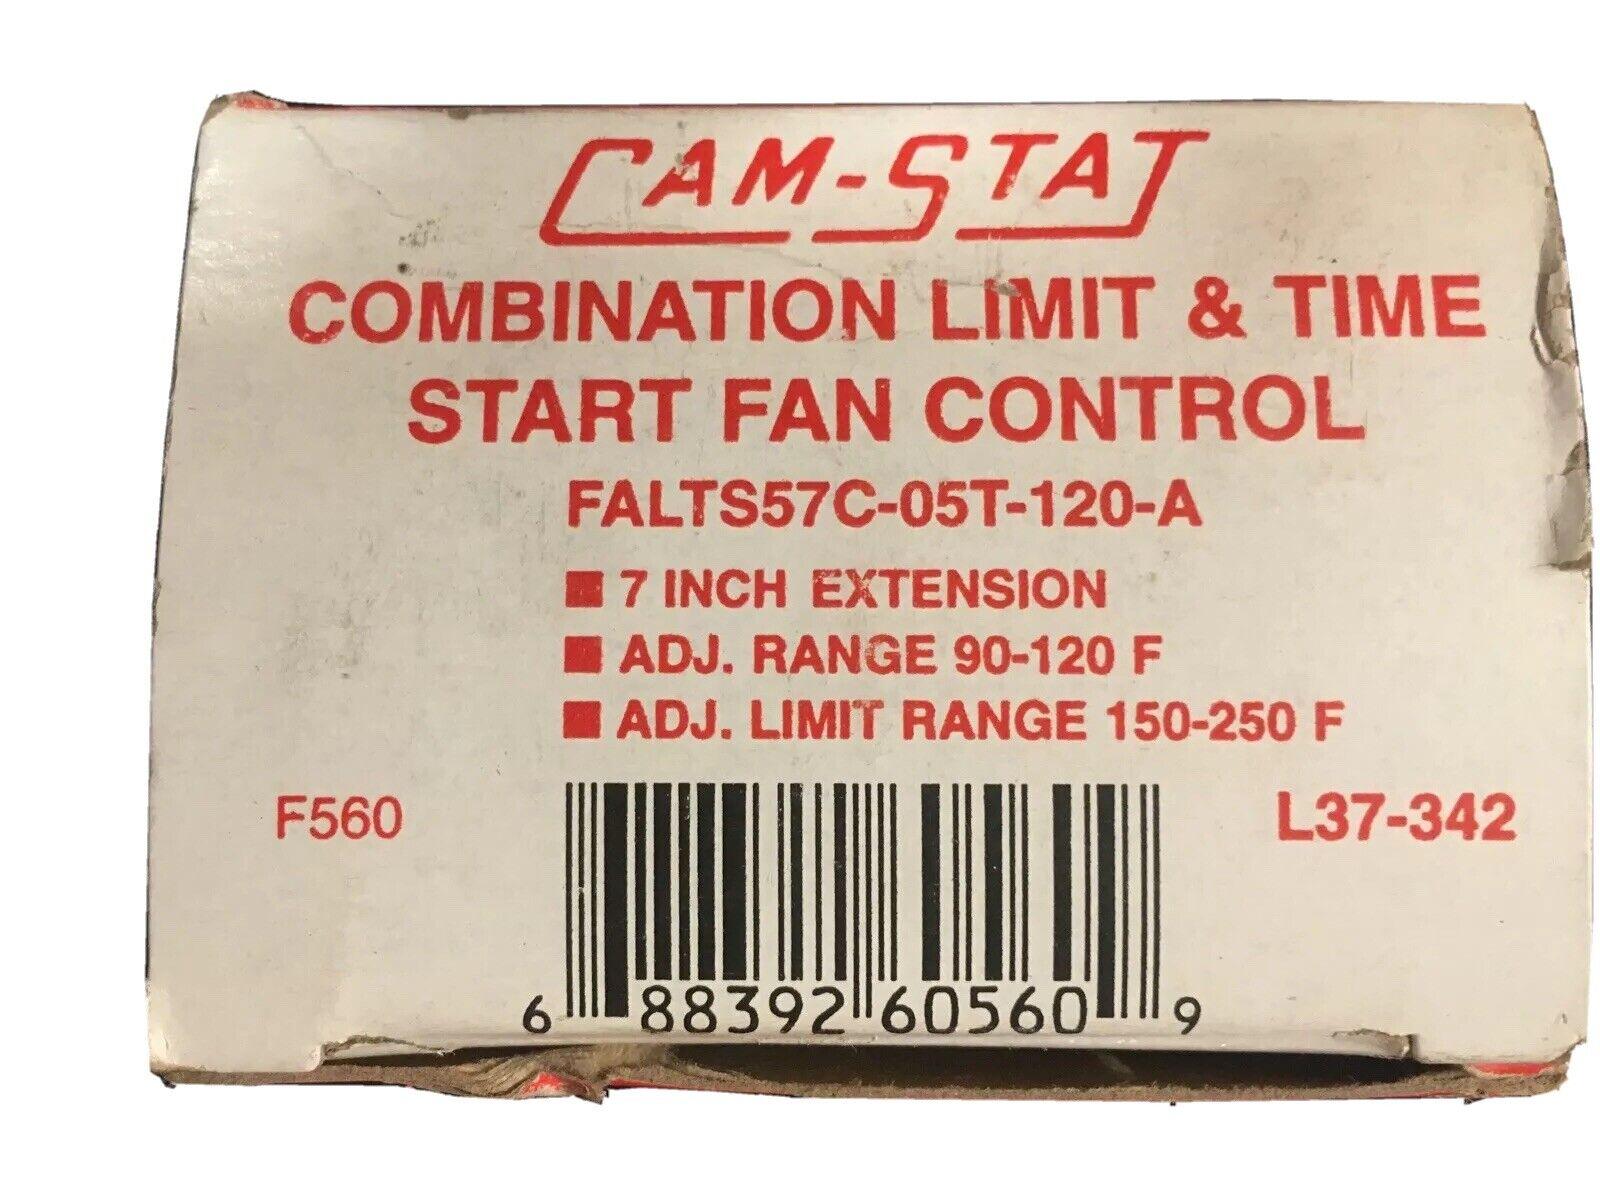 Henry Technologies F561 CAMSTAT FALTS57C-65T-120-A FAN /& LIMIT